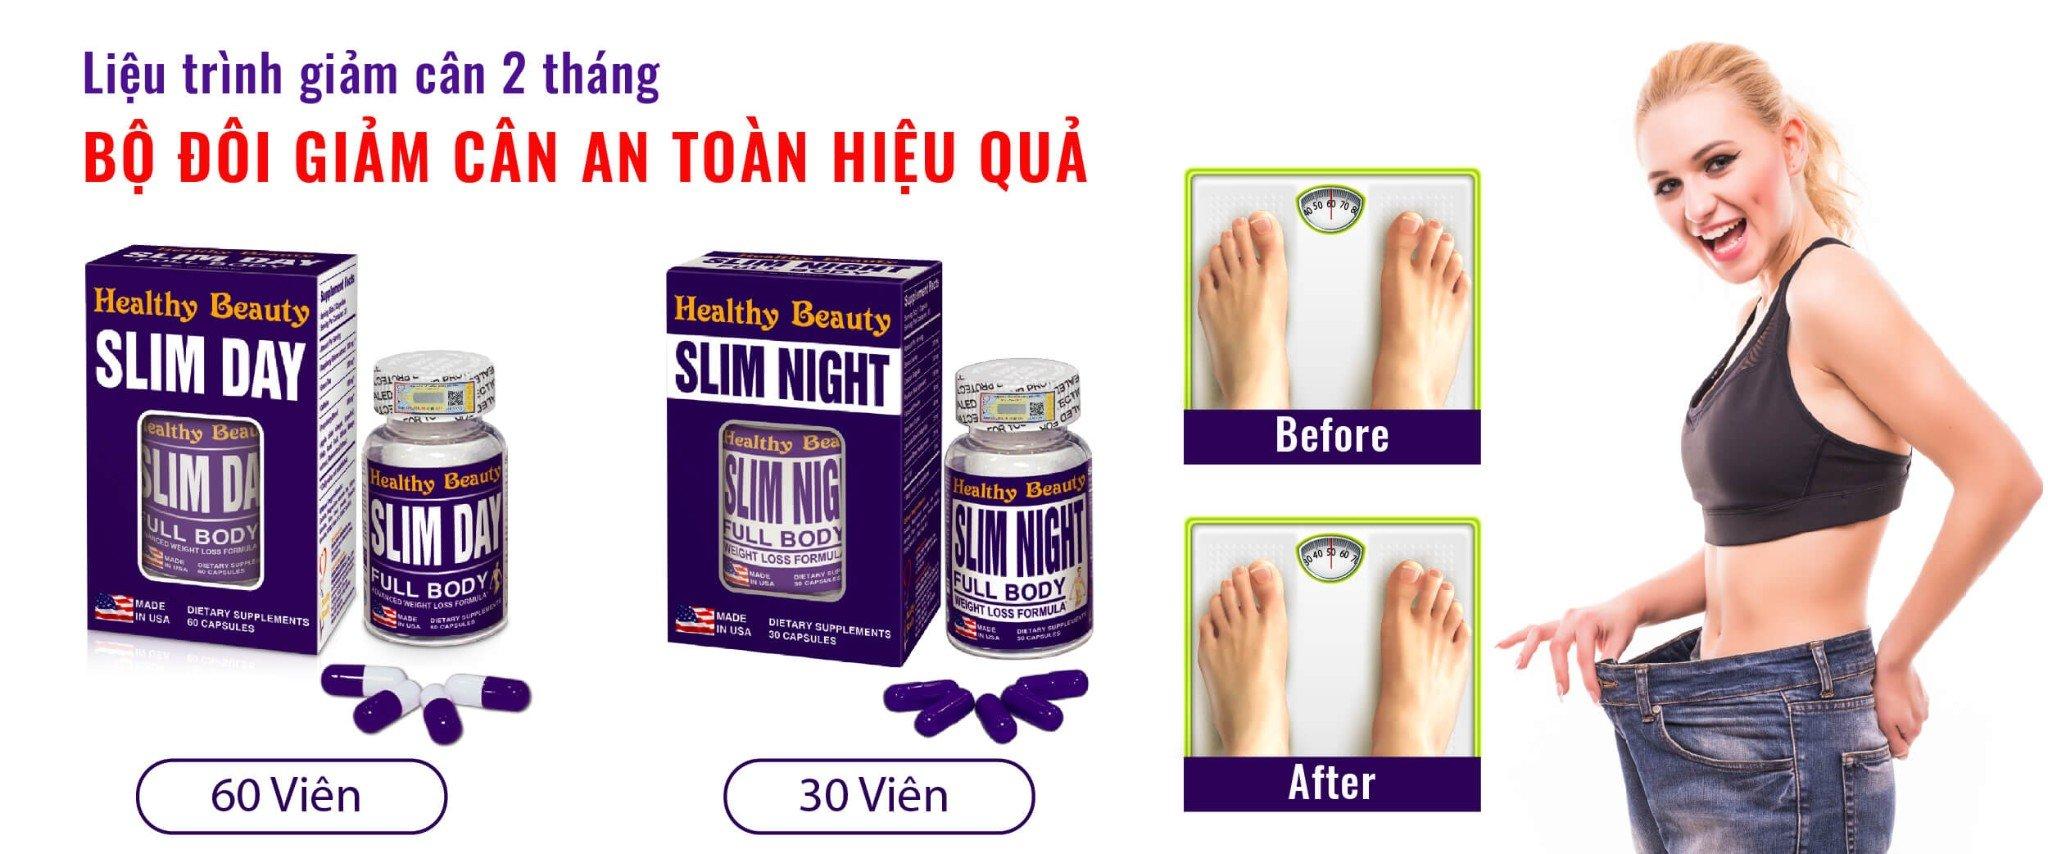 Bộ đôi giảm cân an toàn hiệu quả Slim Day - Sim Night